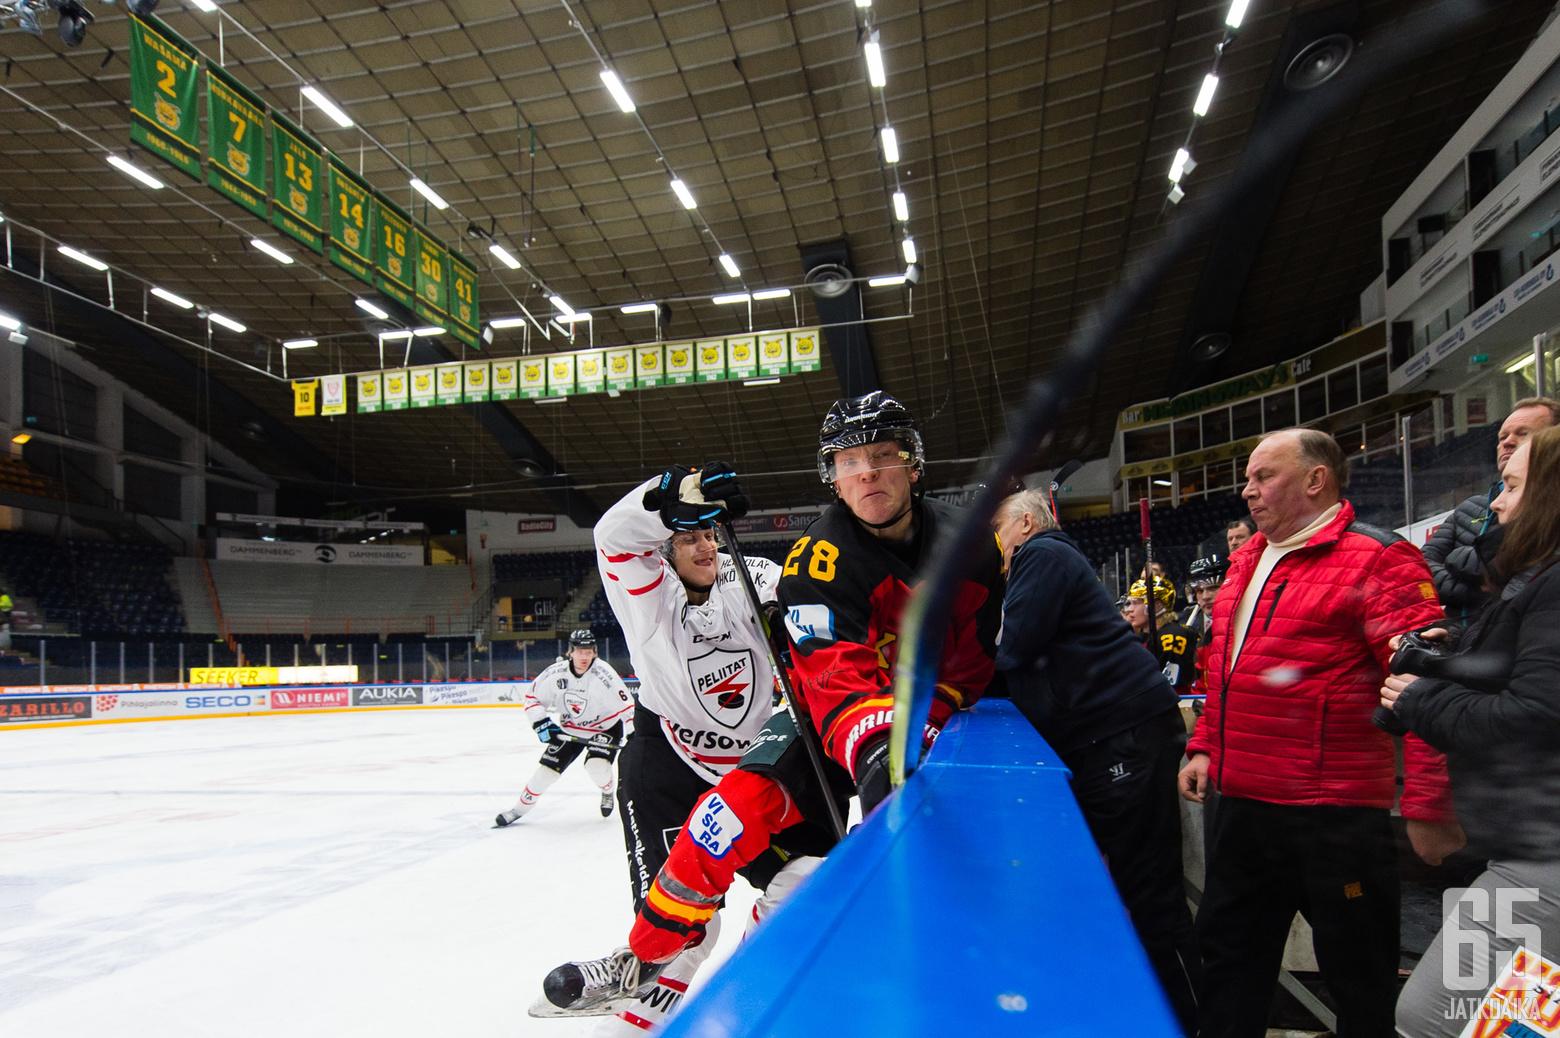 Peliittojen Lauri Heino ja KOOVEEn Alex Hukki kävivät omaa taisteluaan keskialueella.